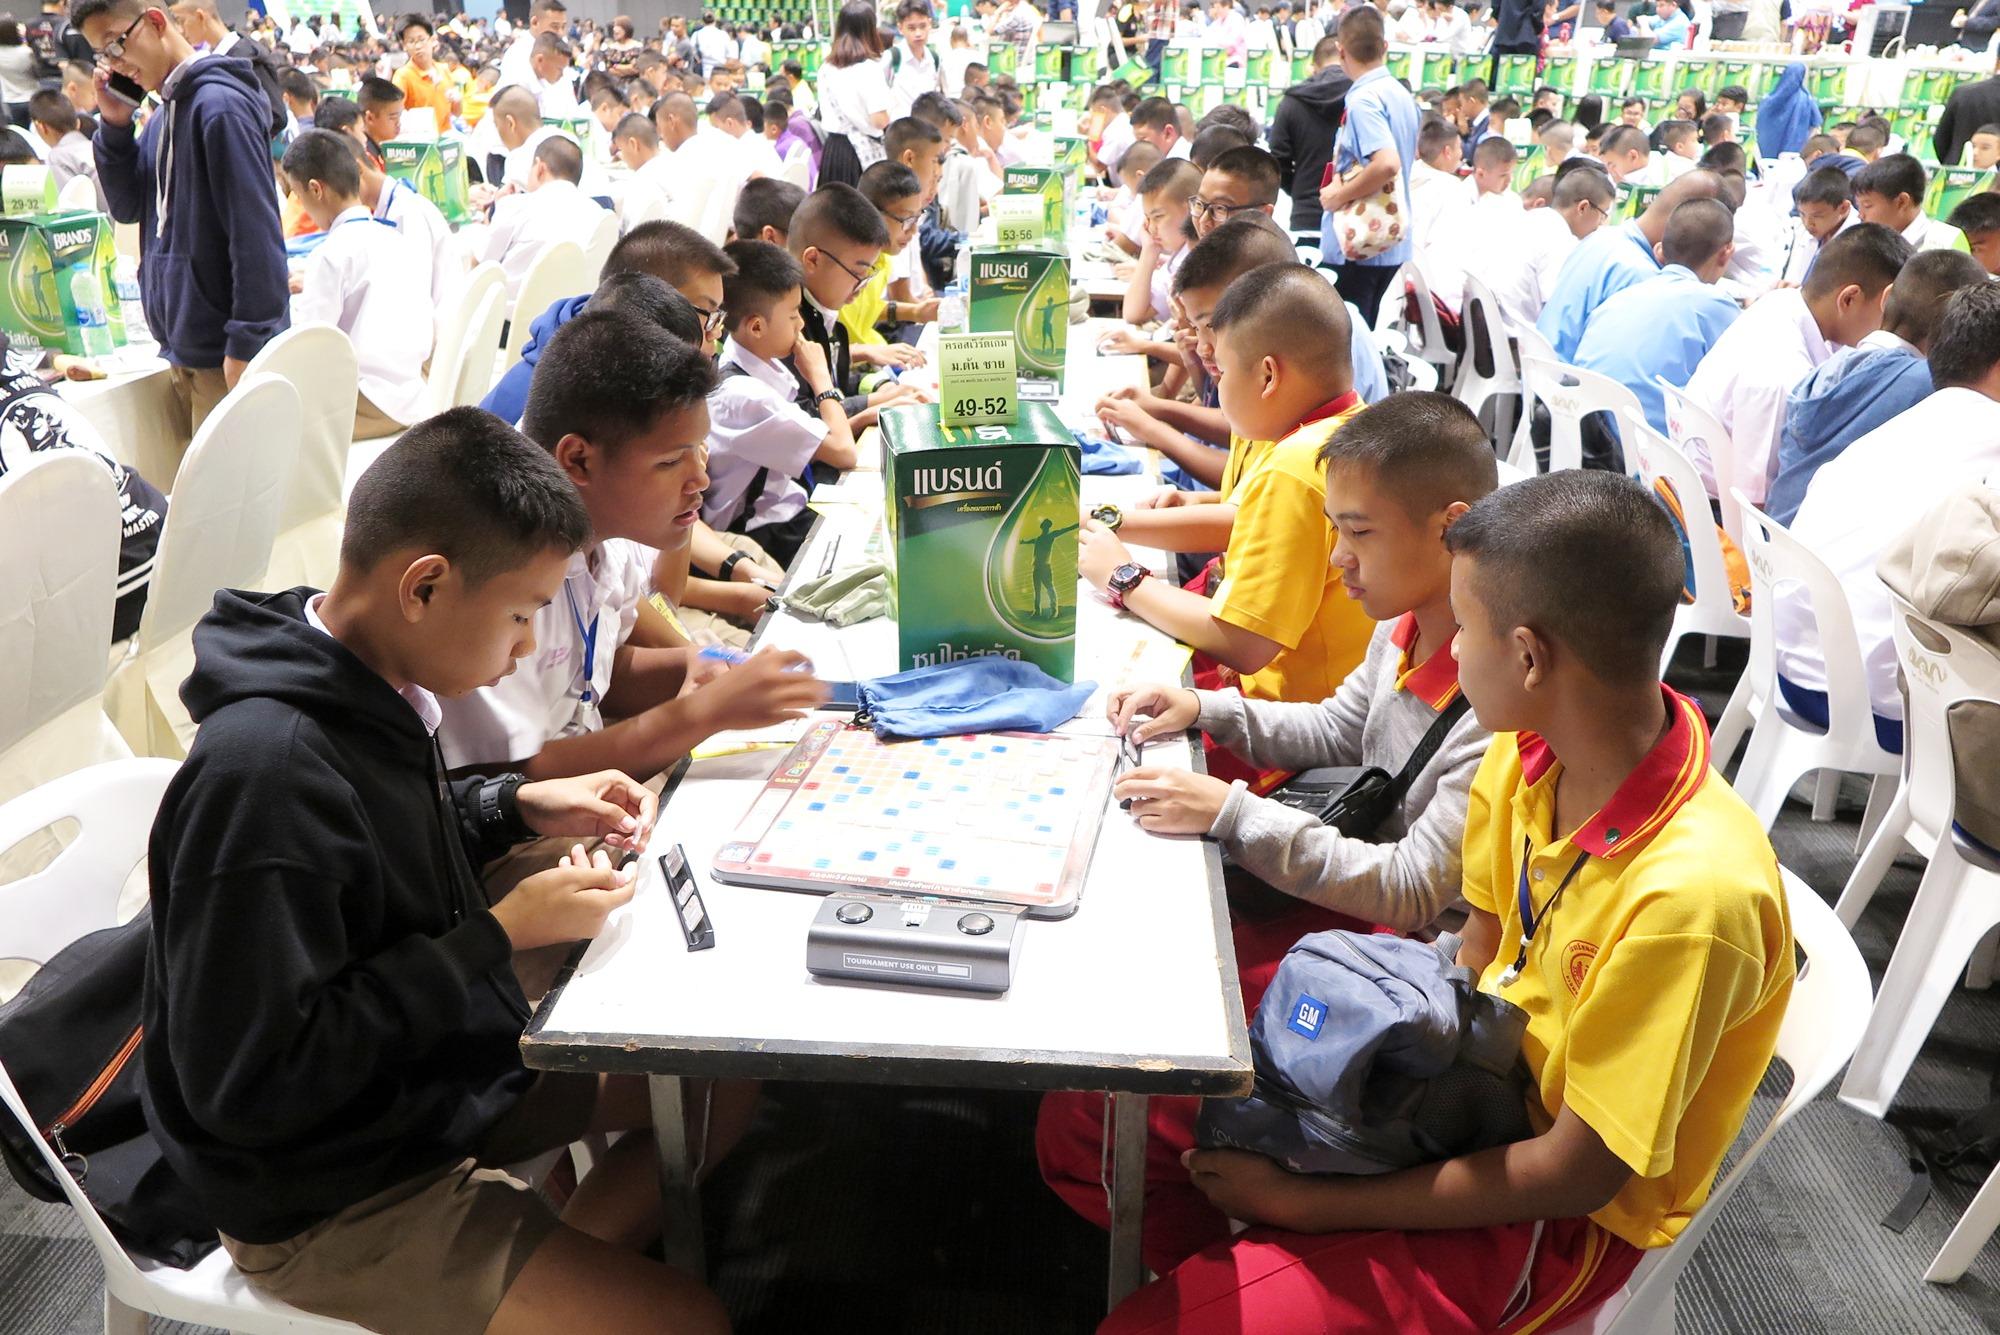 น้องๆ นักเรียนตั้งใจแข่งขันอย่างเต็มที่ และสนุกสนาน